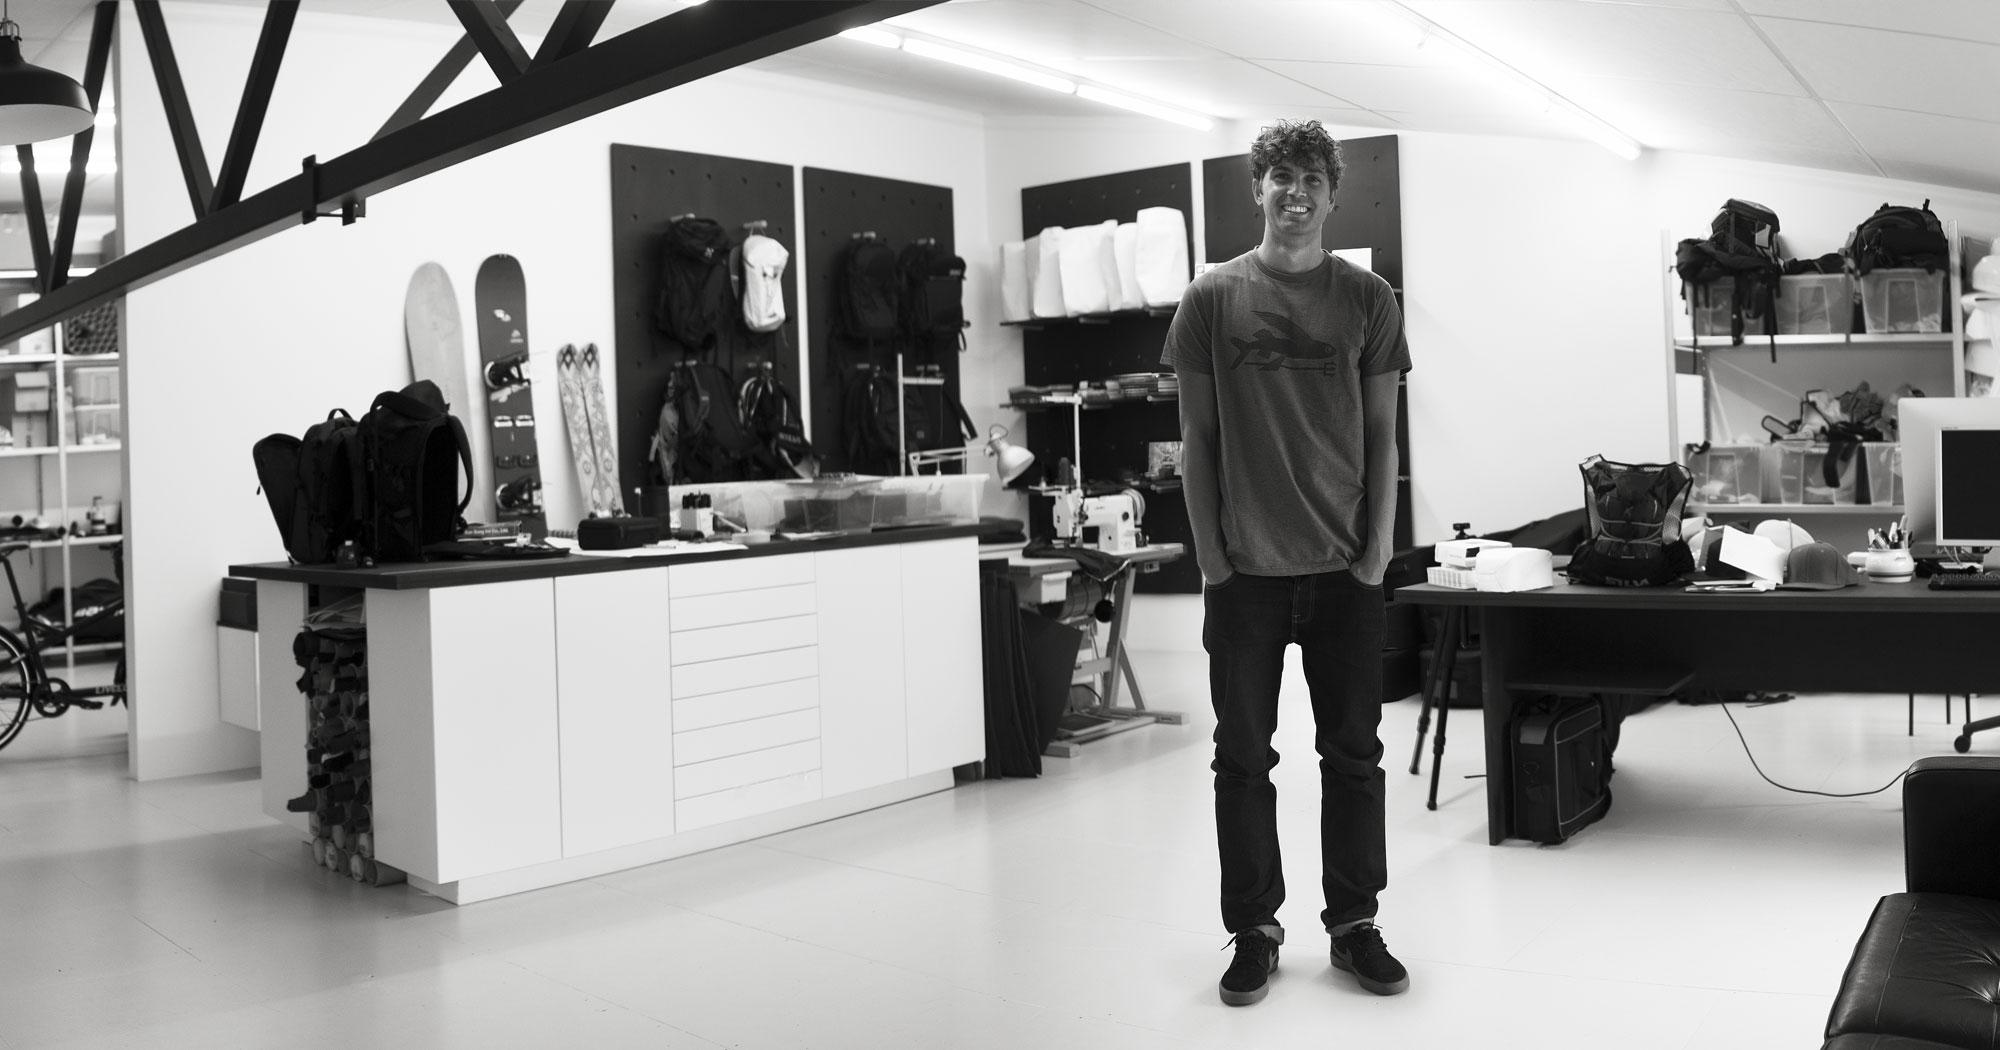 Norra design studio